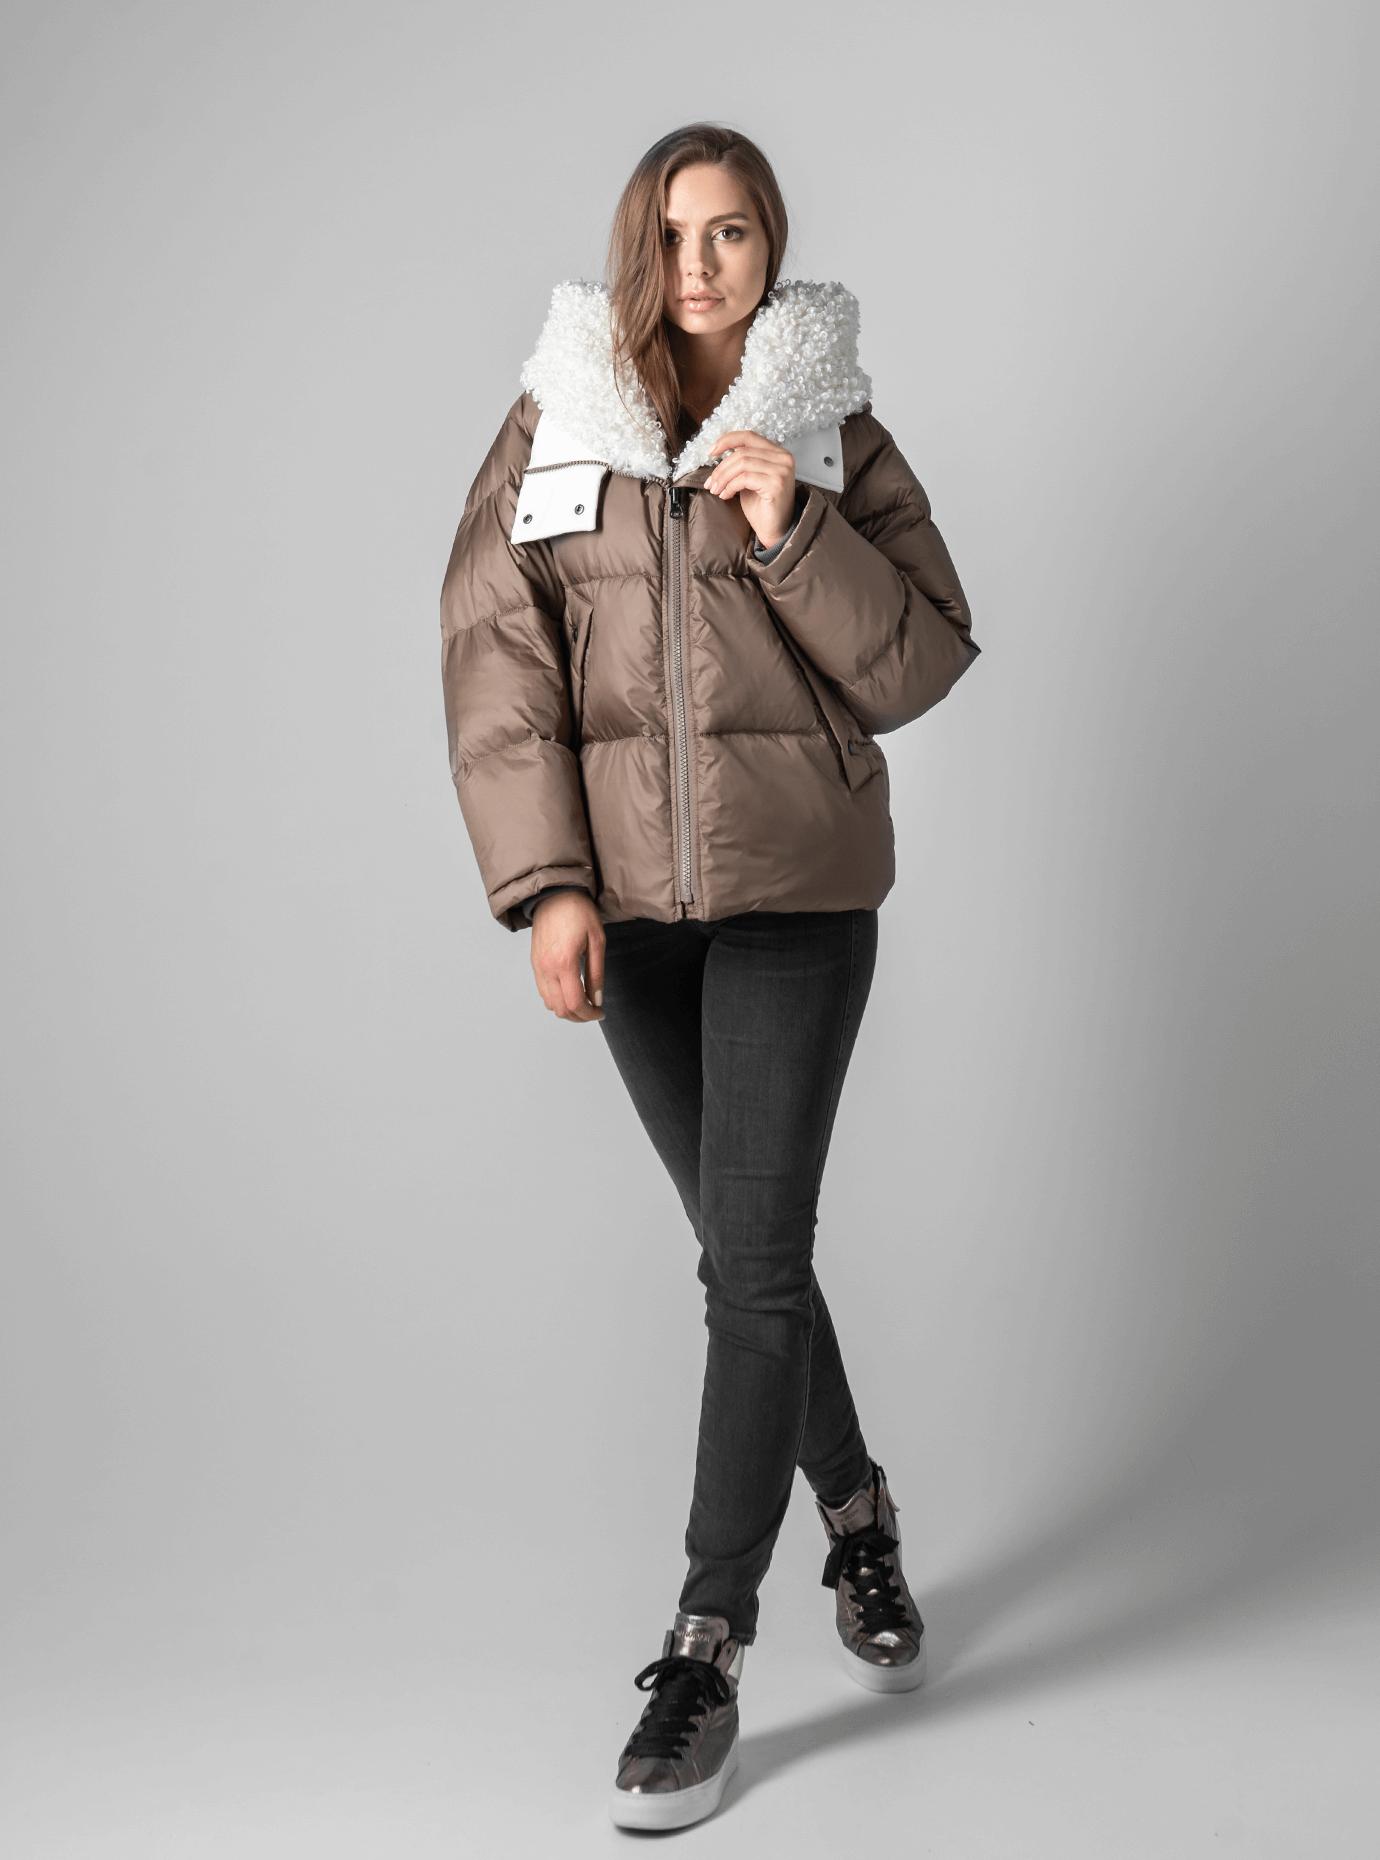 Зимняя женская куртка с мехом Коричневый M (02-190194): фото - Alster.ua